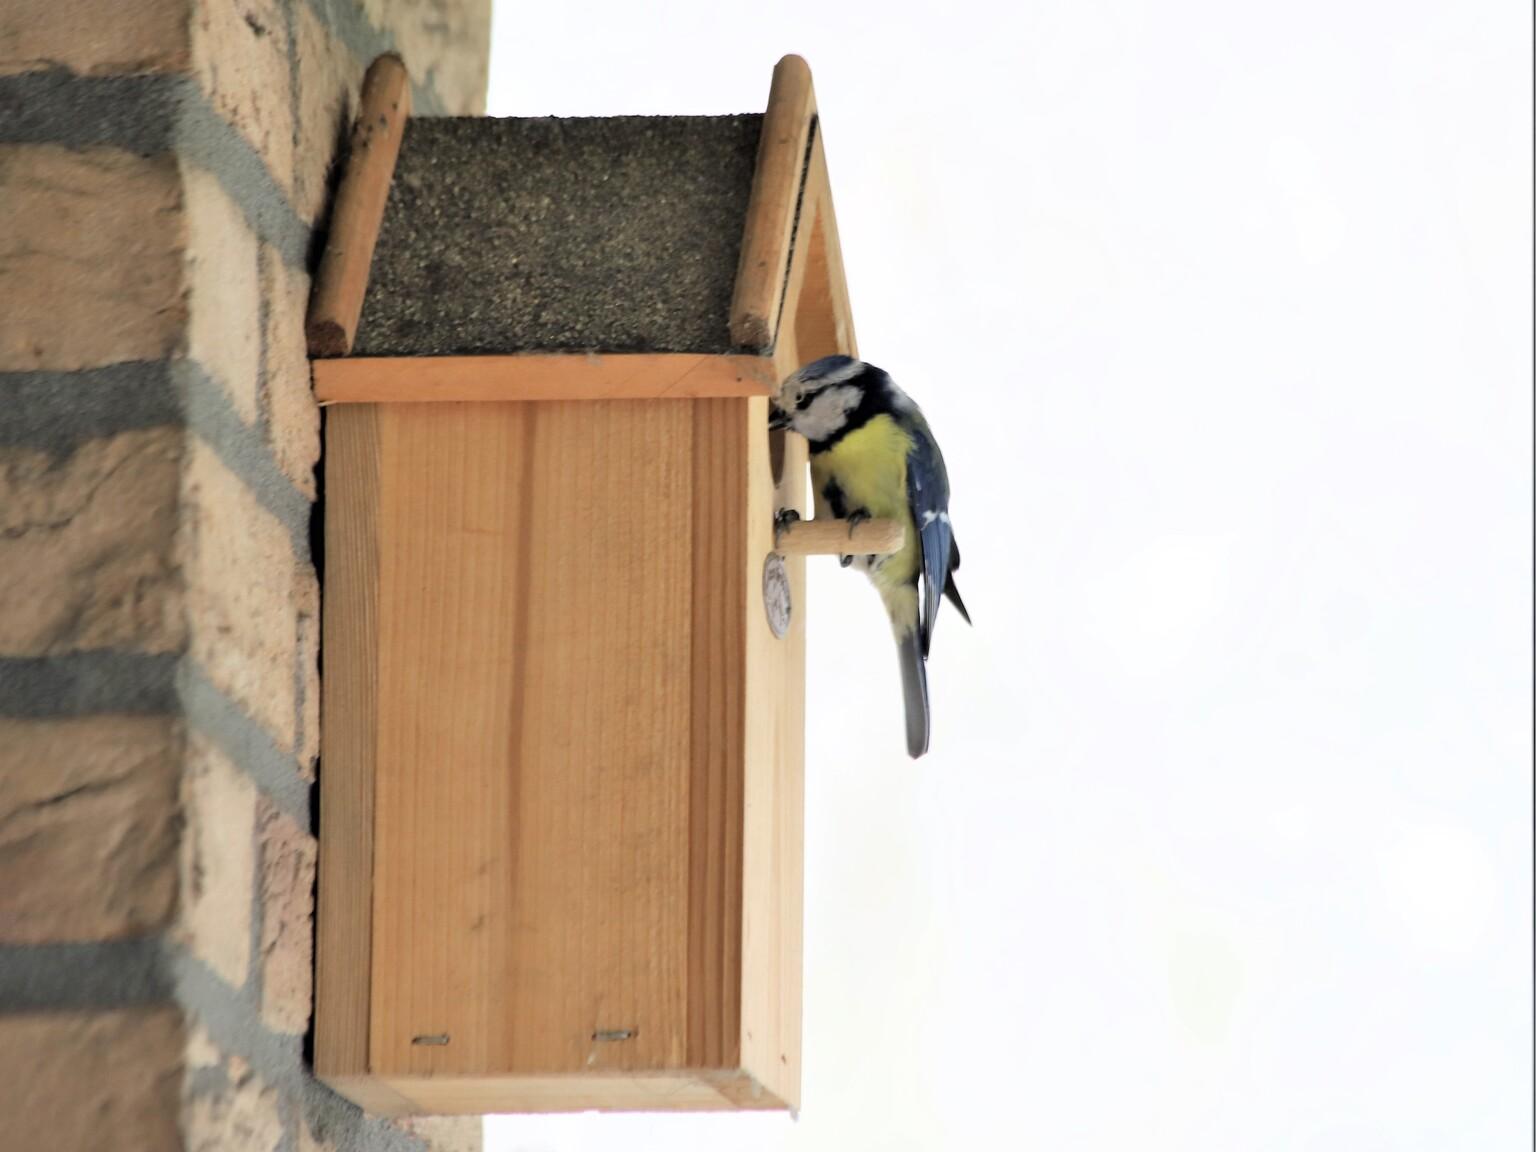 Hier ben ik! - Take-a-way service - foto door marsonna op 04-05-2021 - deze foto bevat: pimpelmees, nestkastje, bewoond, voedsel brengen, gorinchem, binnenstad, balkon, vogel, hout, huis, vogelhuisje, vogelhuisje, winter, neerstekende vogel, vogelaanvoer, facade, dierenbenodigdheden